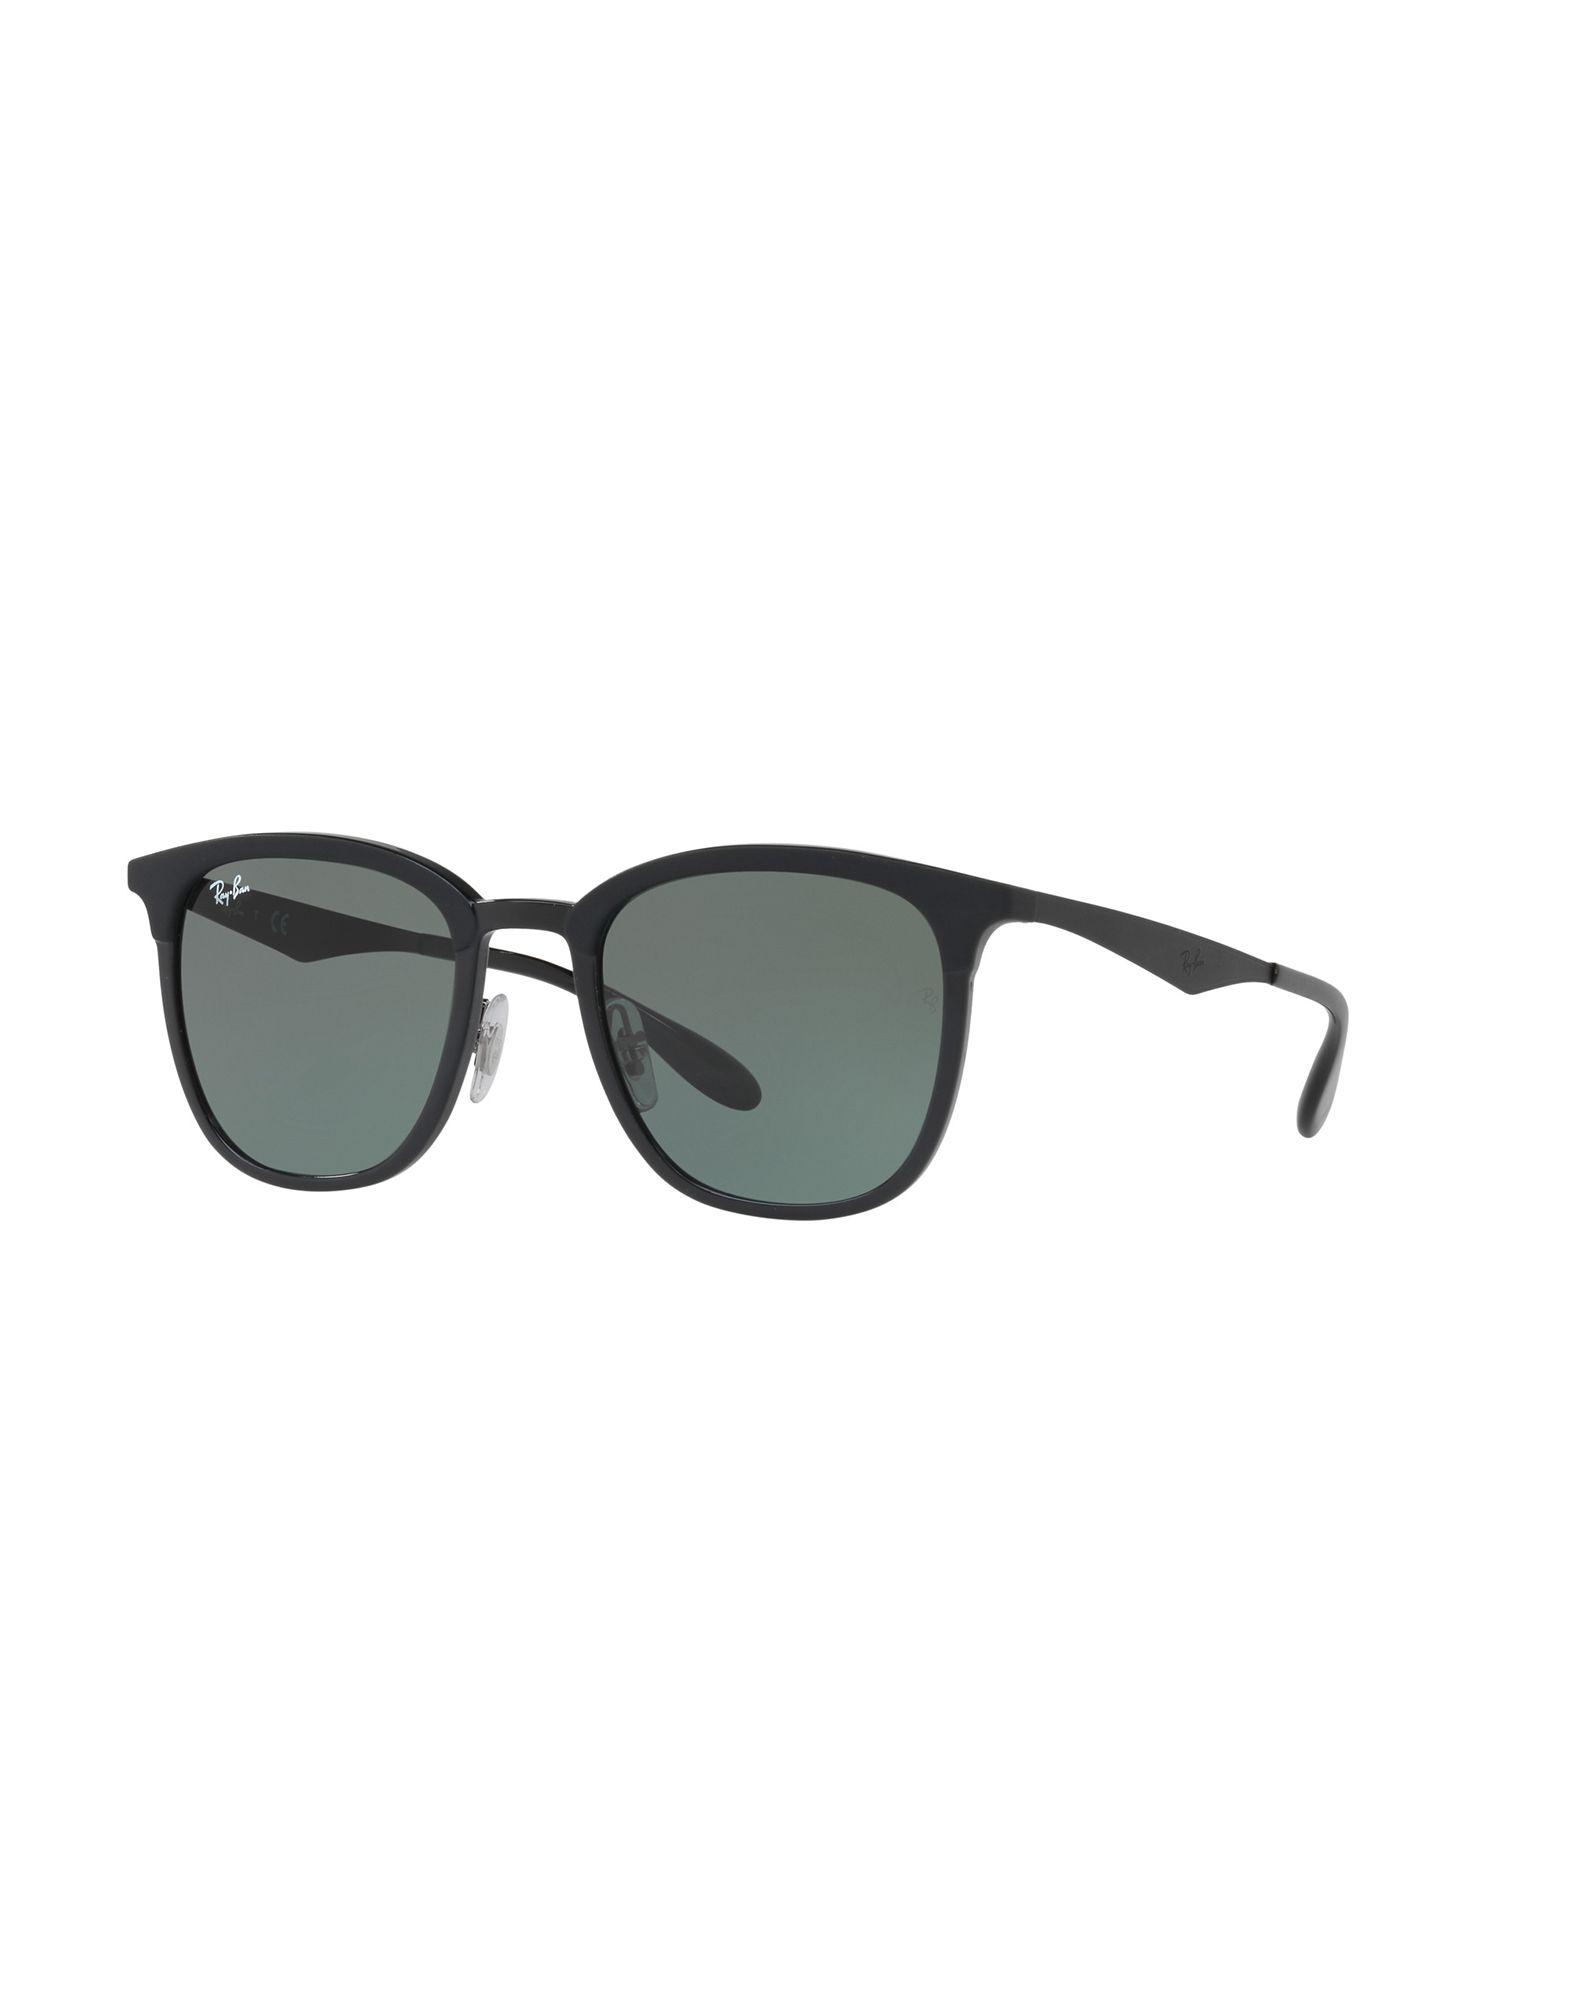 Occhiali Da Sole Ray-Ban Rb4278 - Uomo - Acquista online su